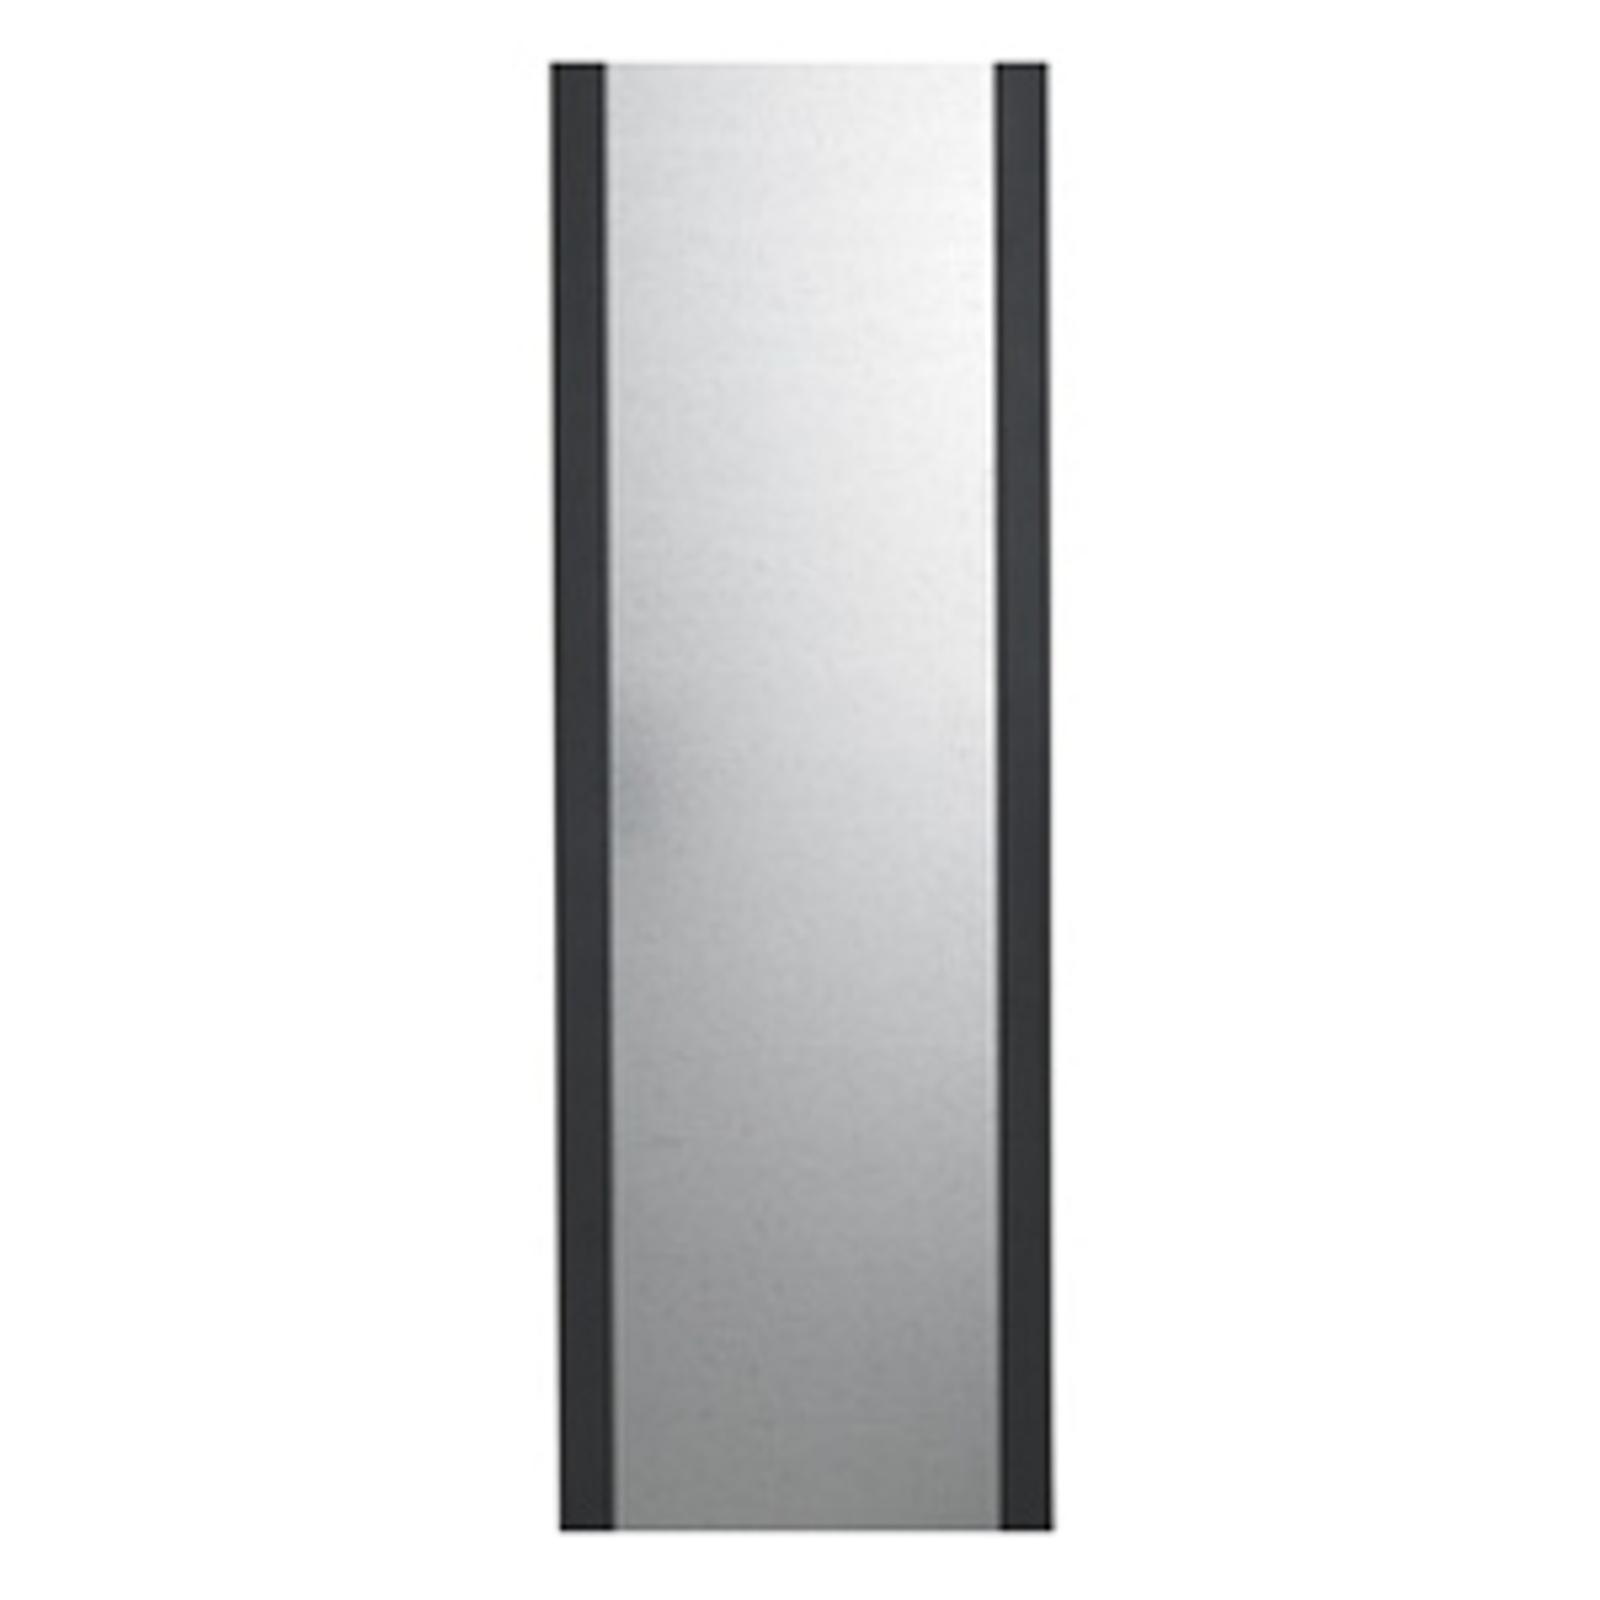 Postkassestativ Stand 1001, svart/rustfritt stål